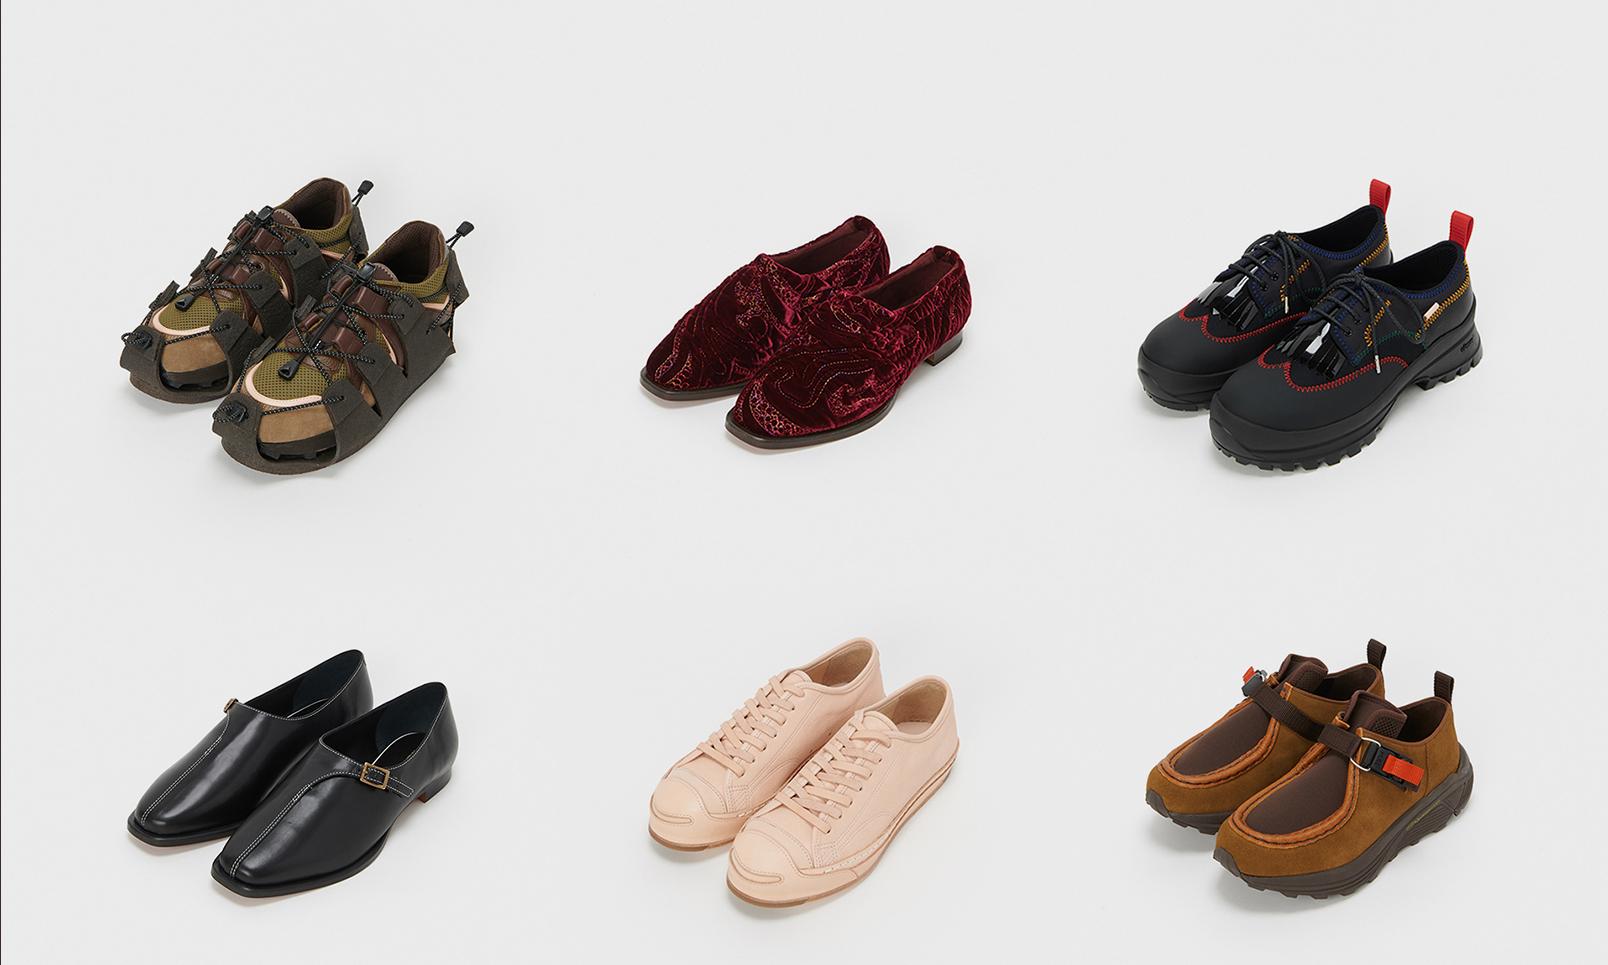 日本鞋履品牌 Hender Scheme 推出全新 2020 秋冬系列